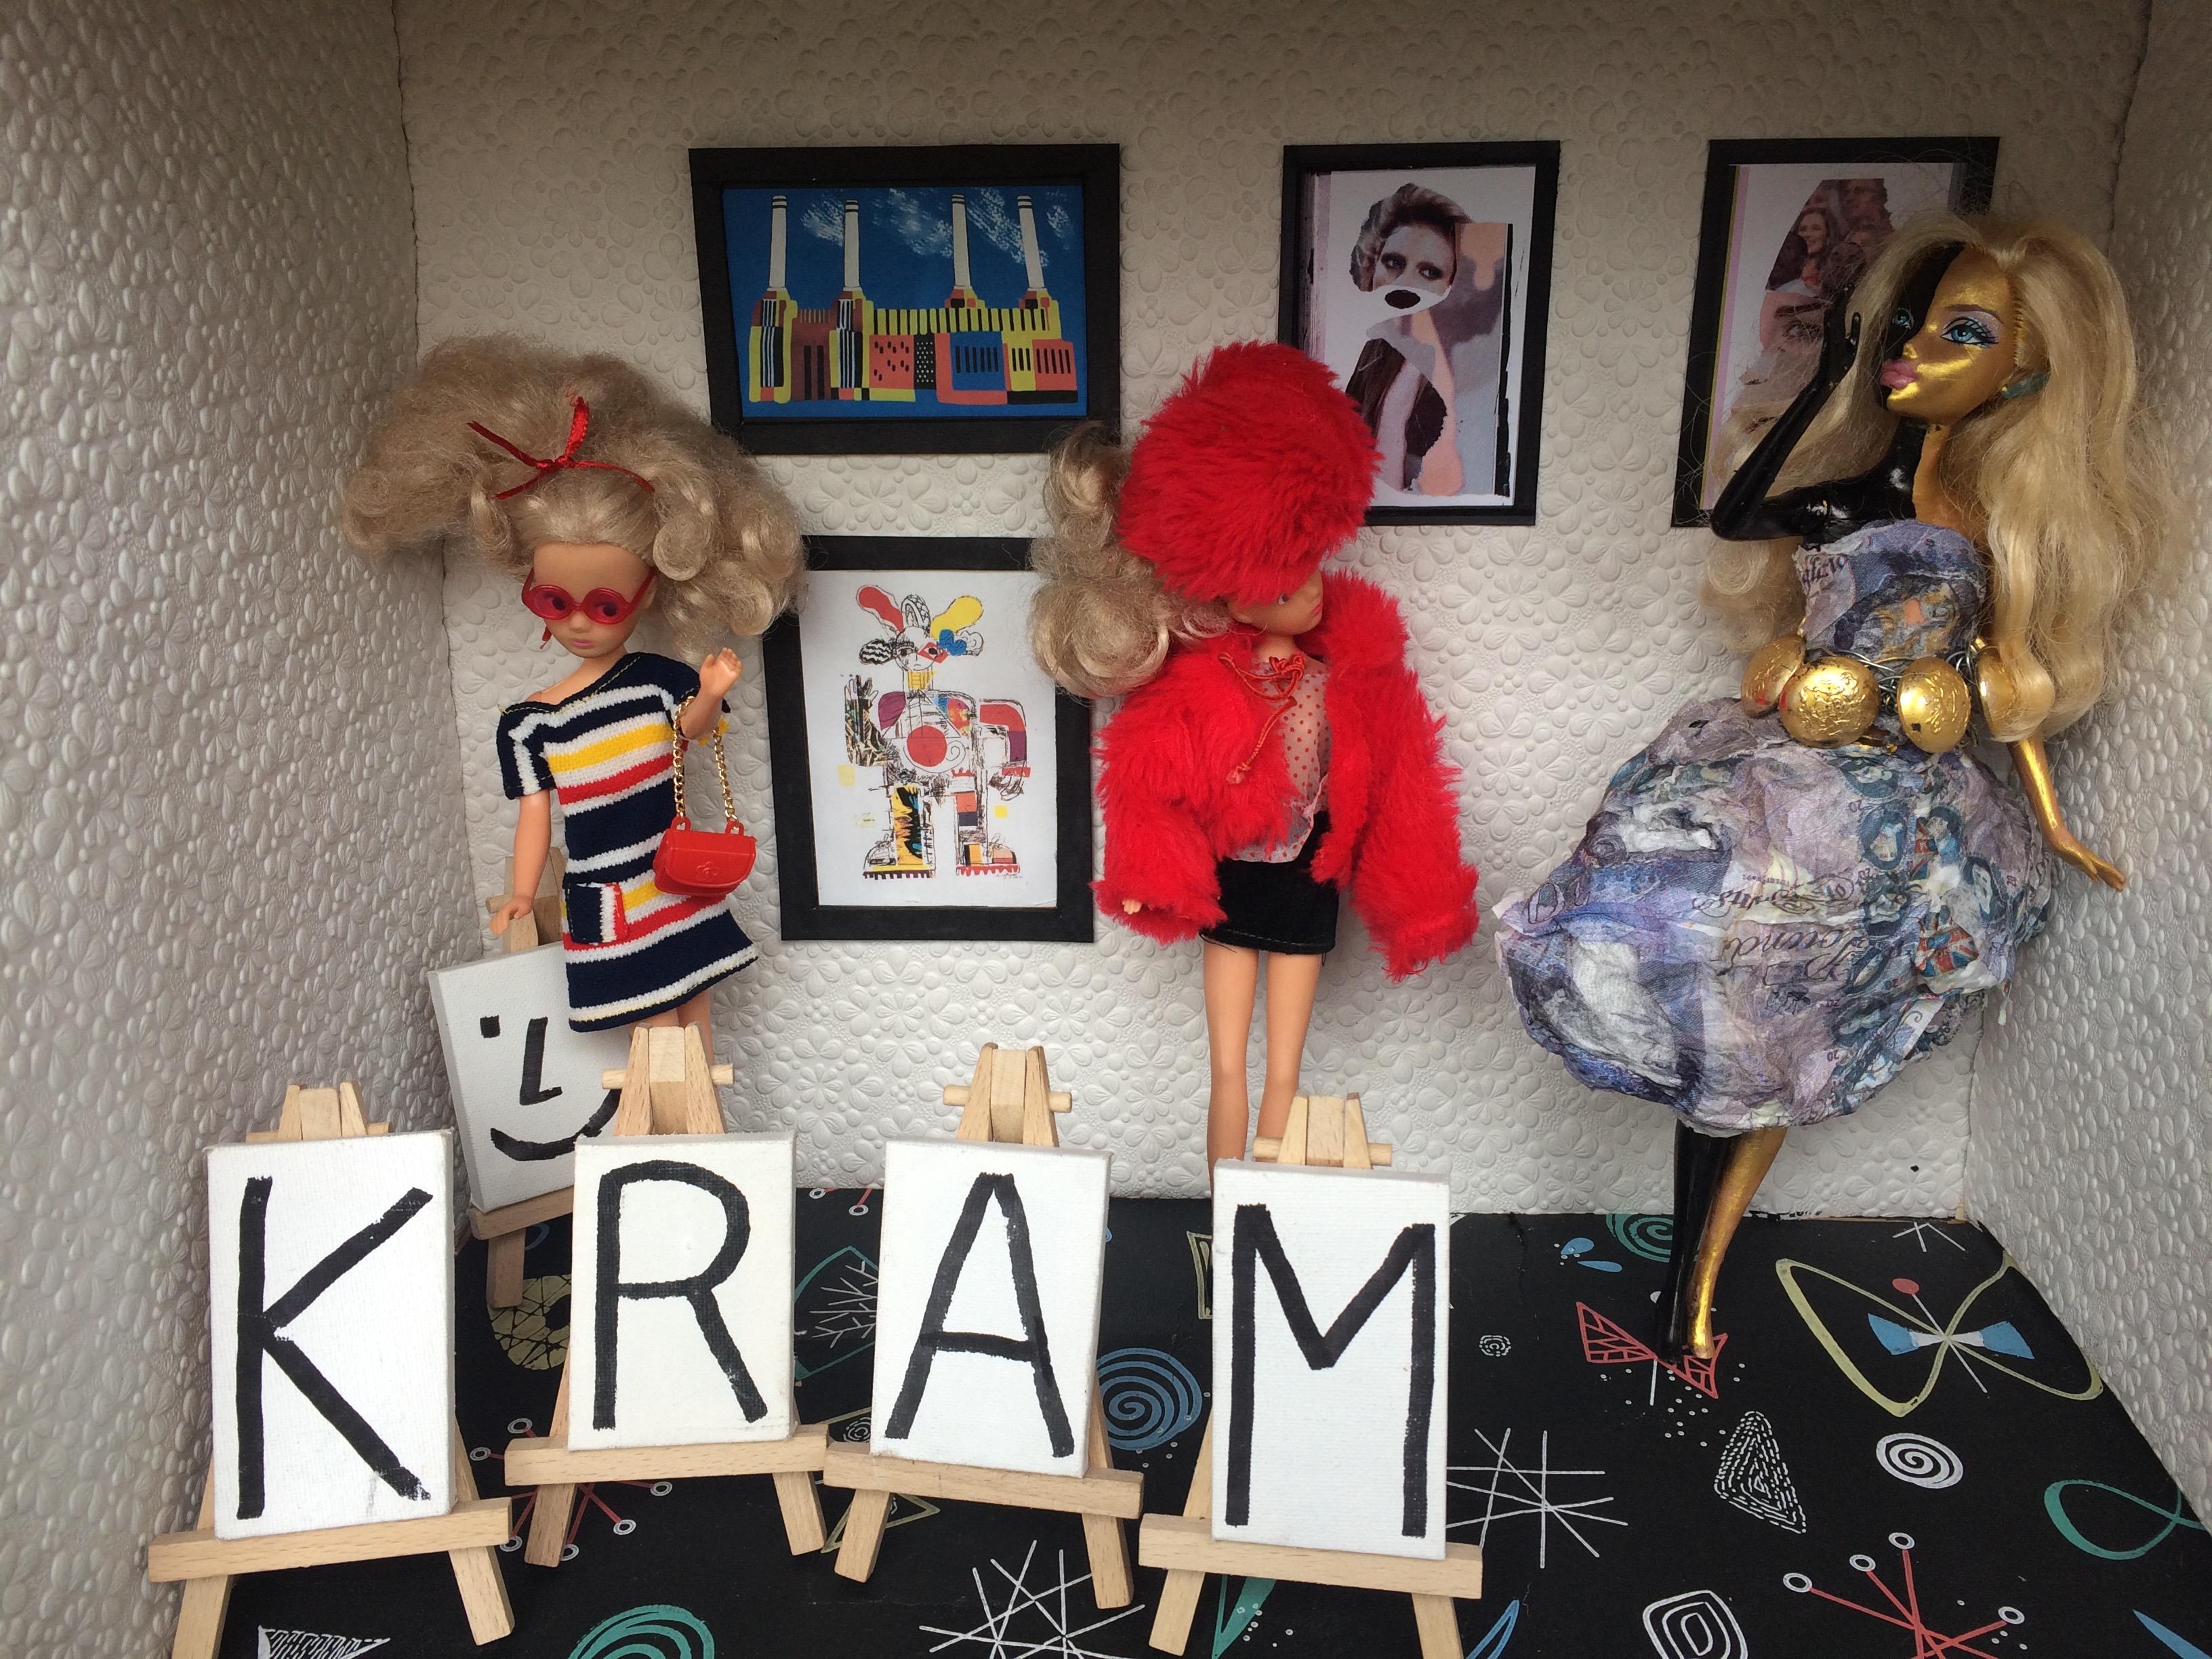 Mini Kram